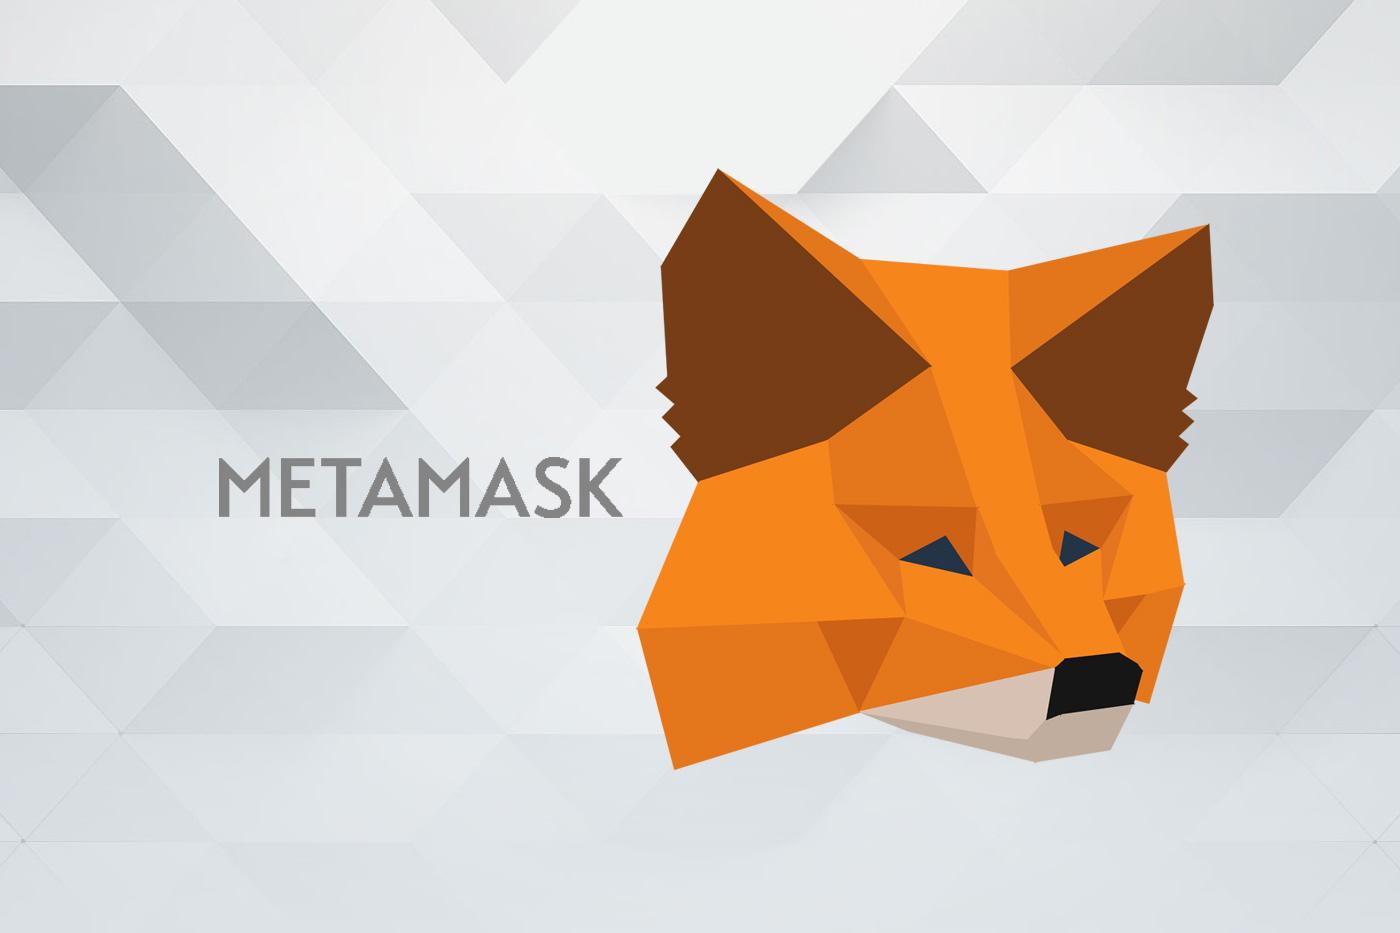 metamask defi